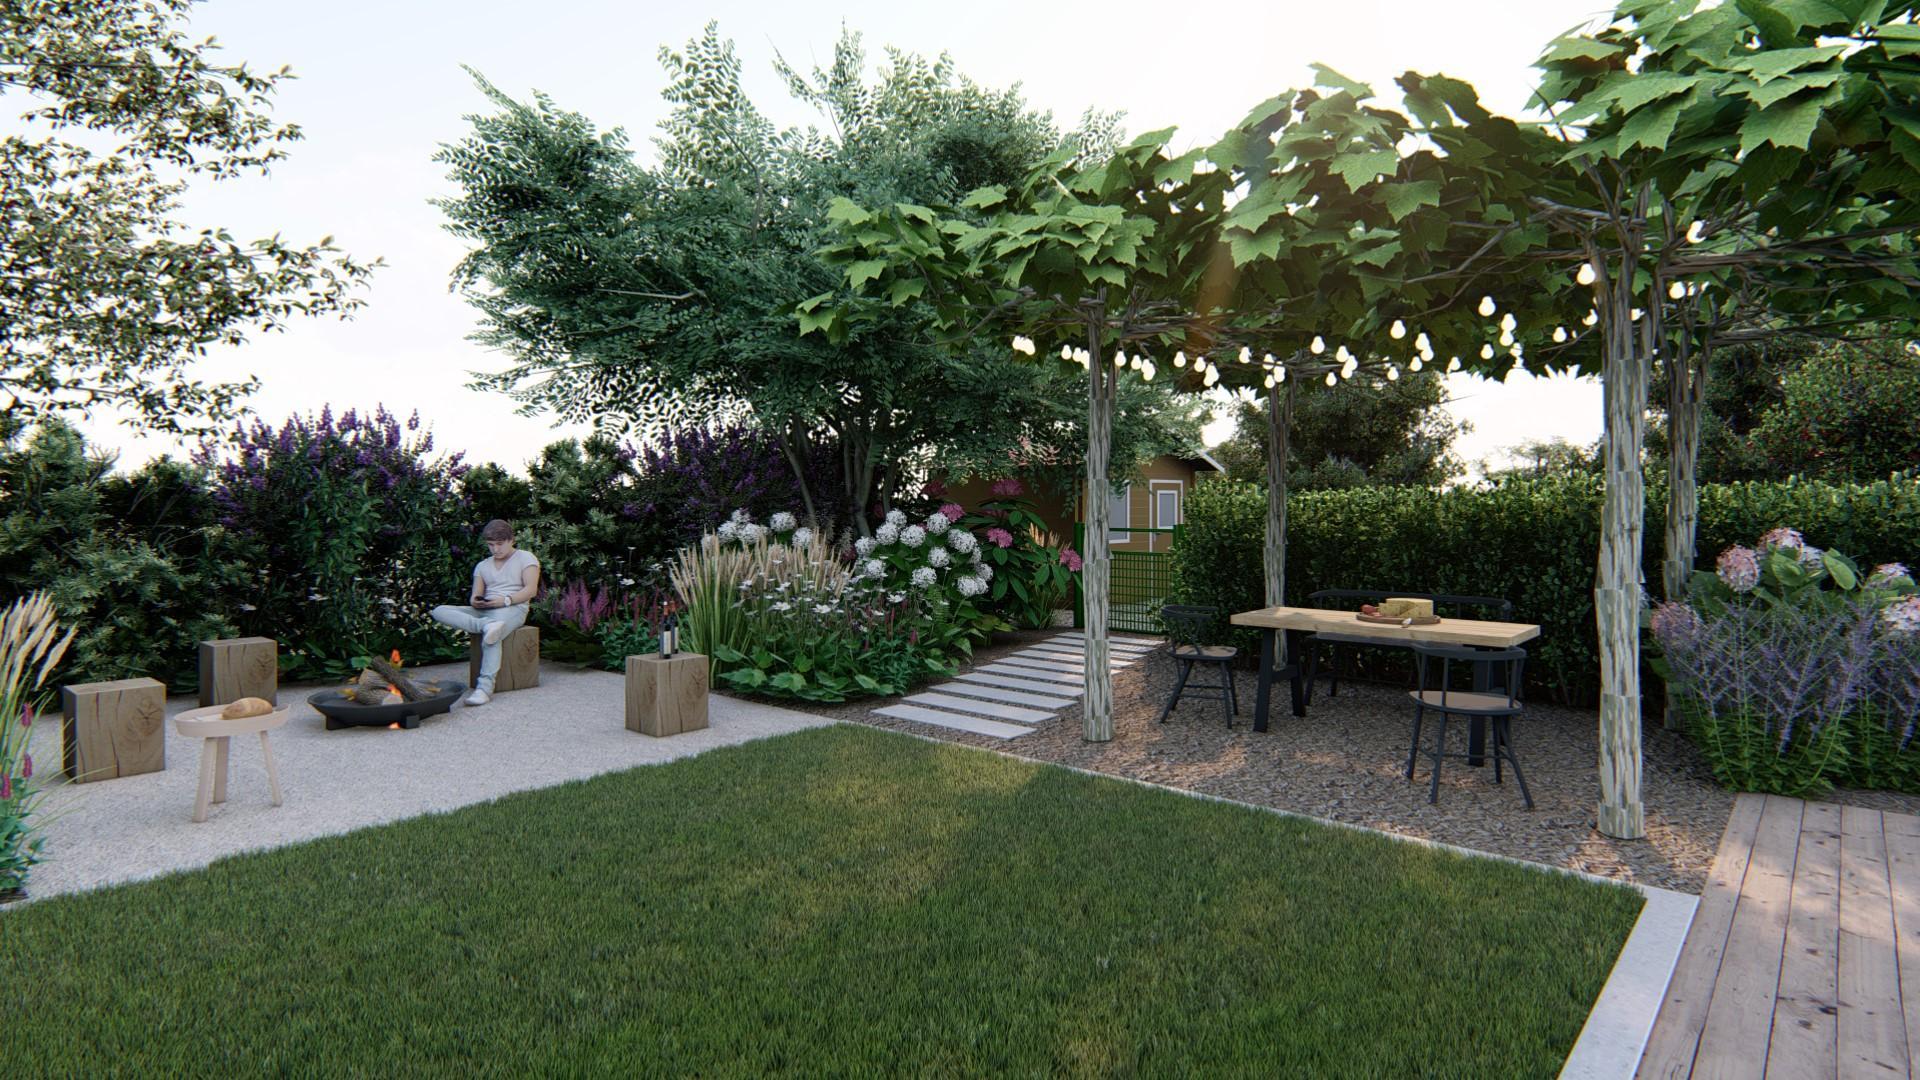 Záhrada s brezami - Obrázok č. 12